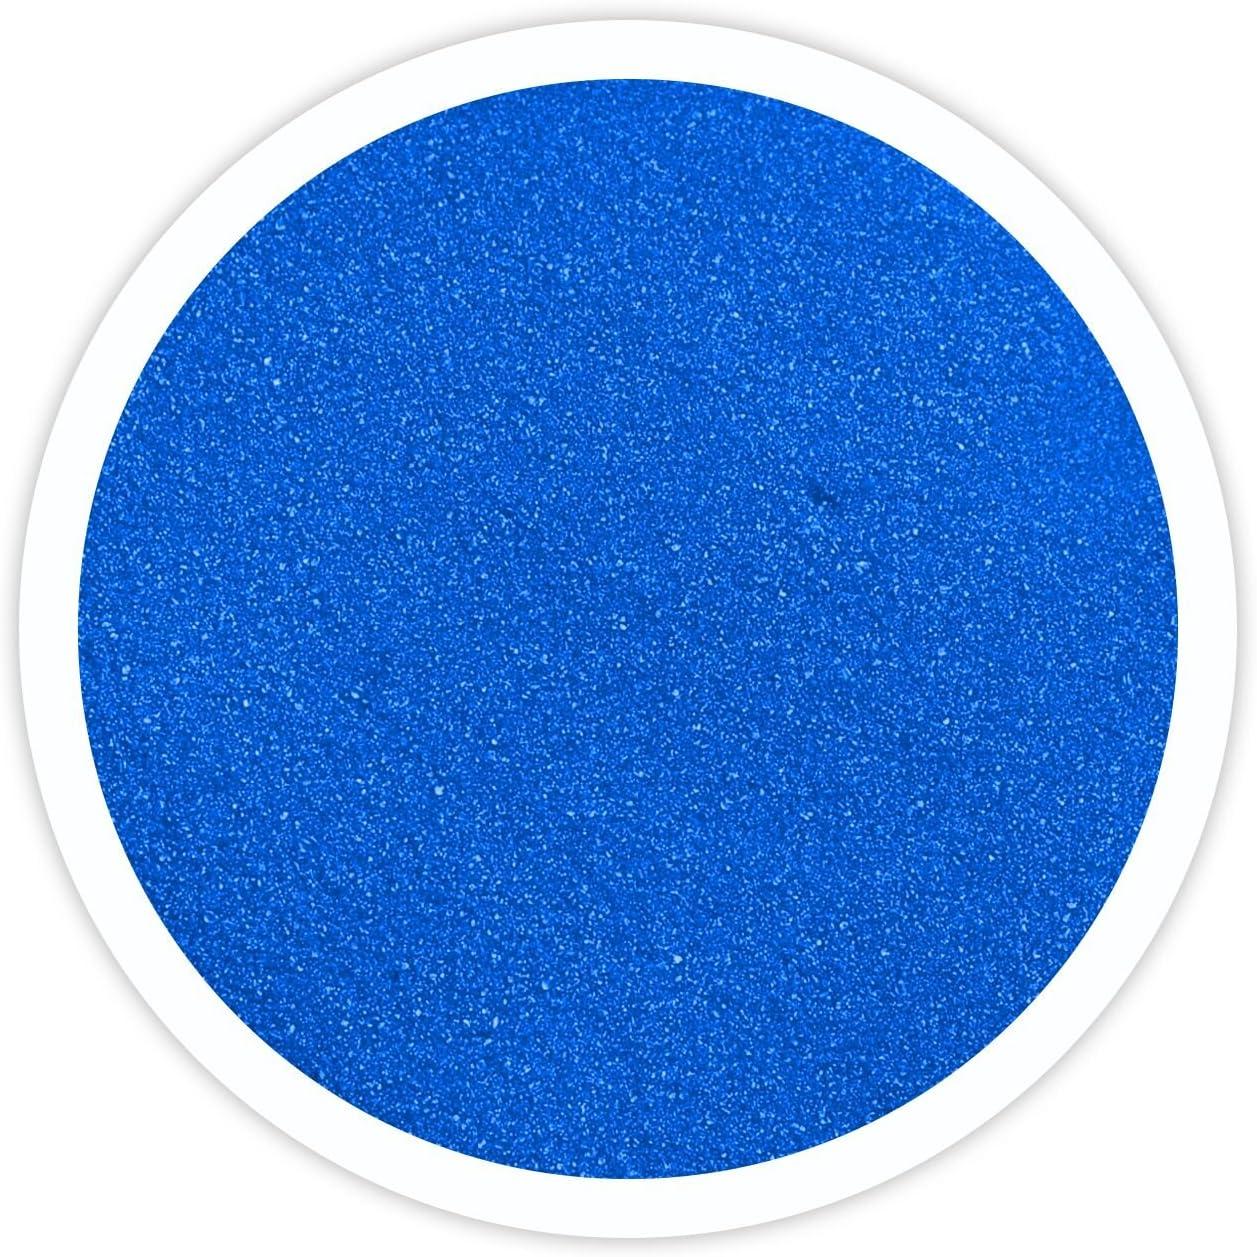 Sandsational Royal Blue (Cobalt) (Horizon) Unity Sand~1.5 lbs (22 oz), Blue Colored Sand for Weddings, Vase Filler, Home Decor, Craft Sand